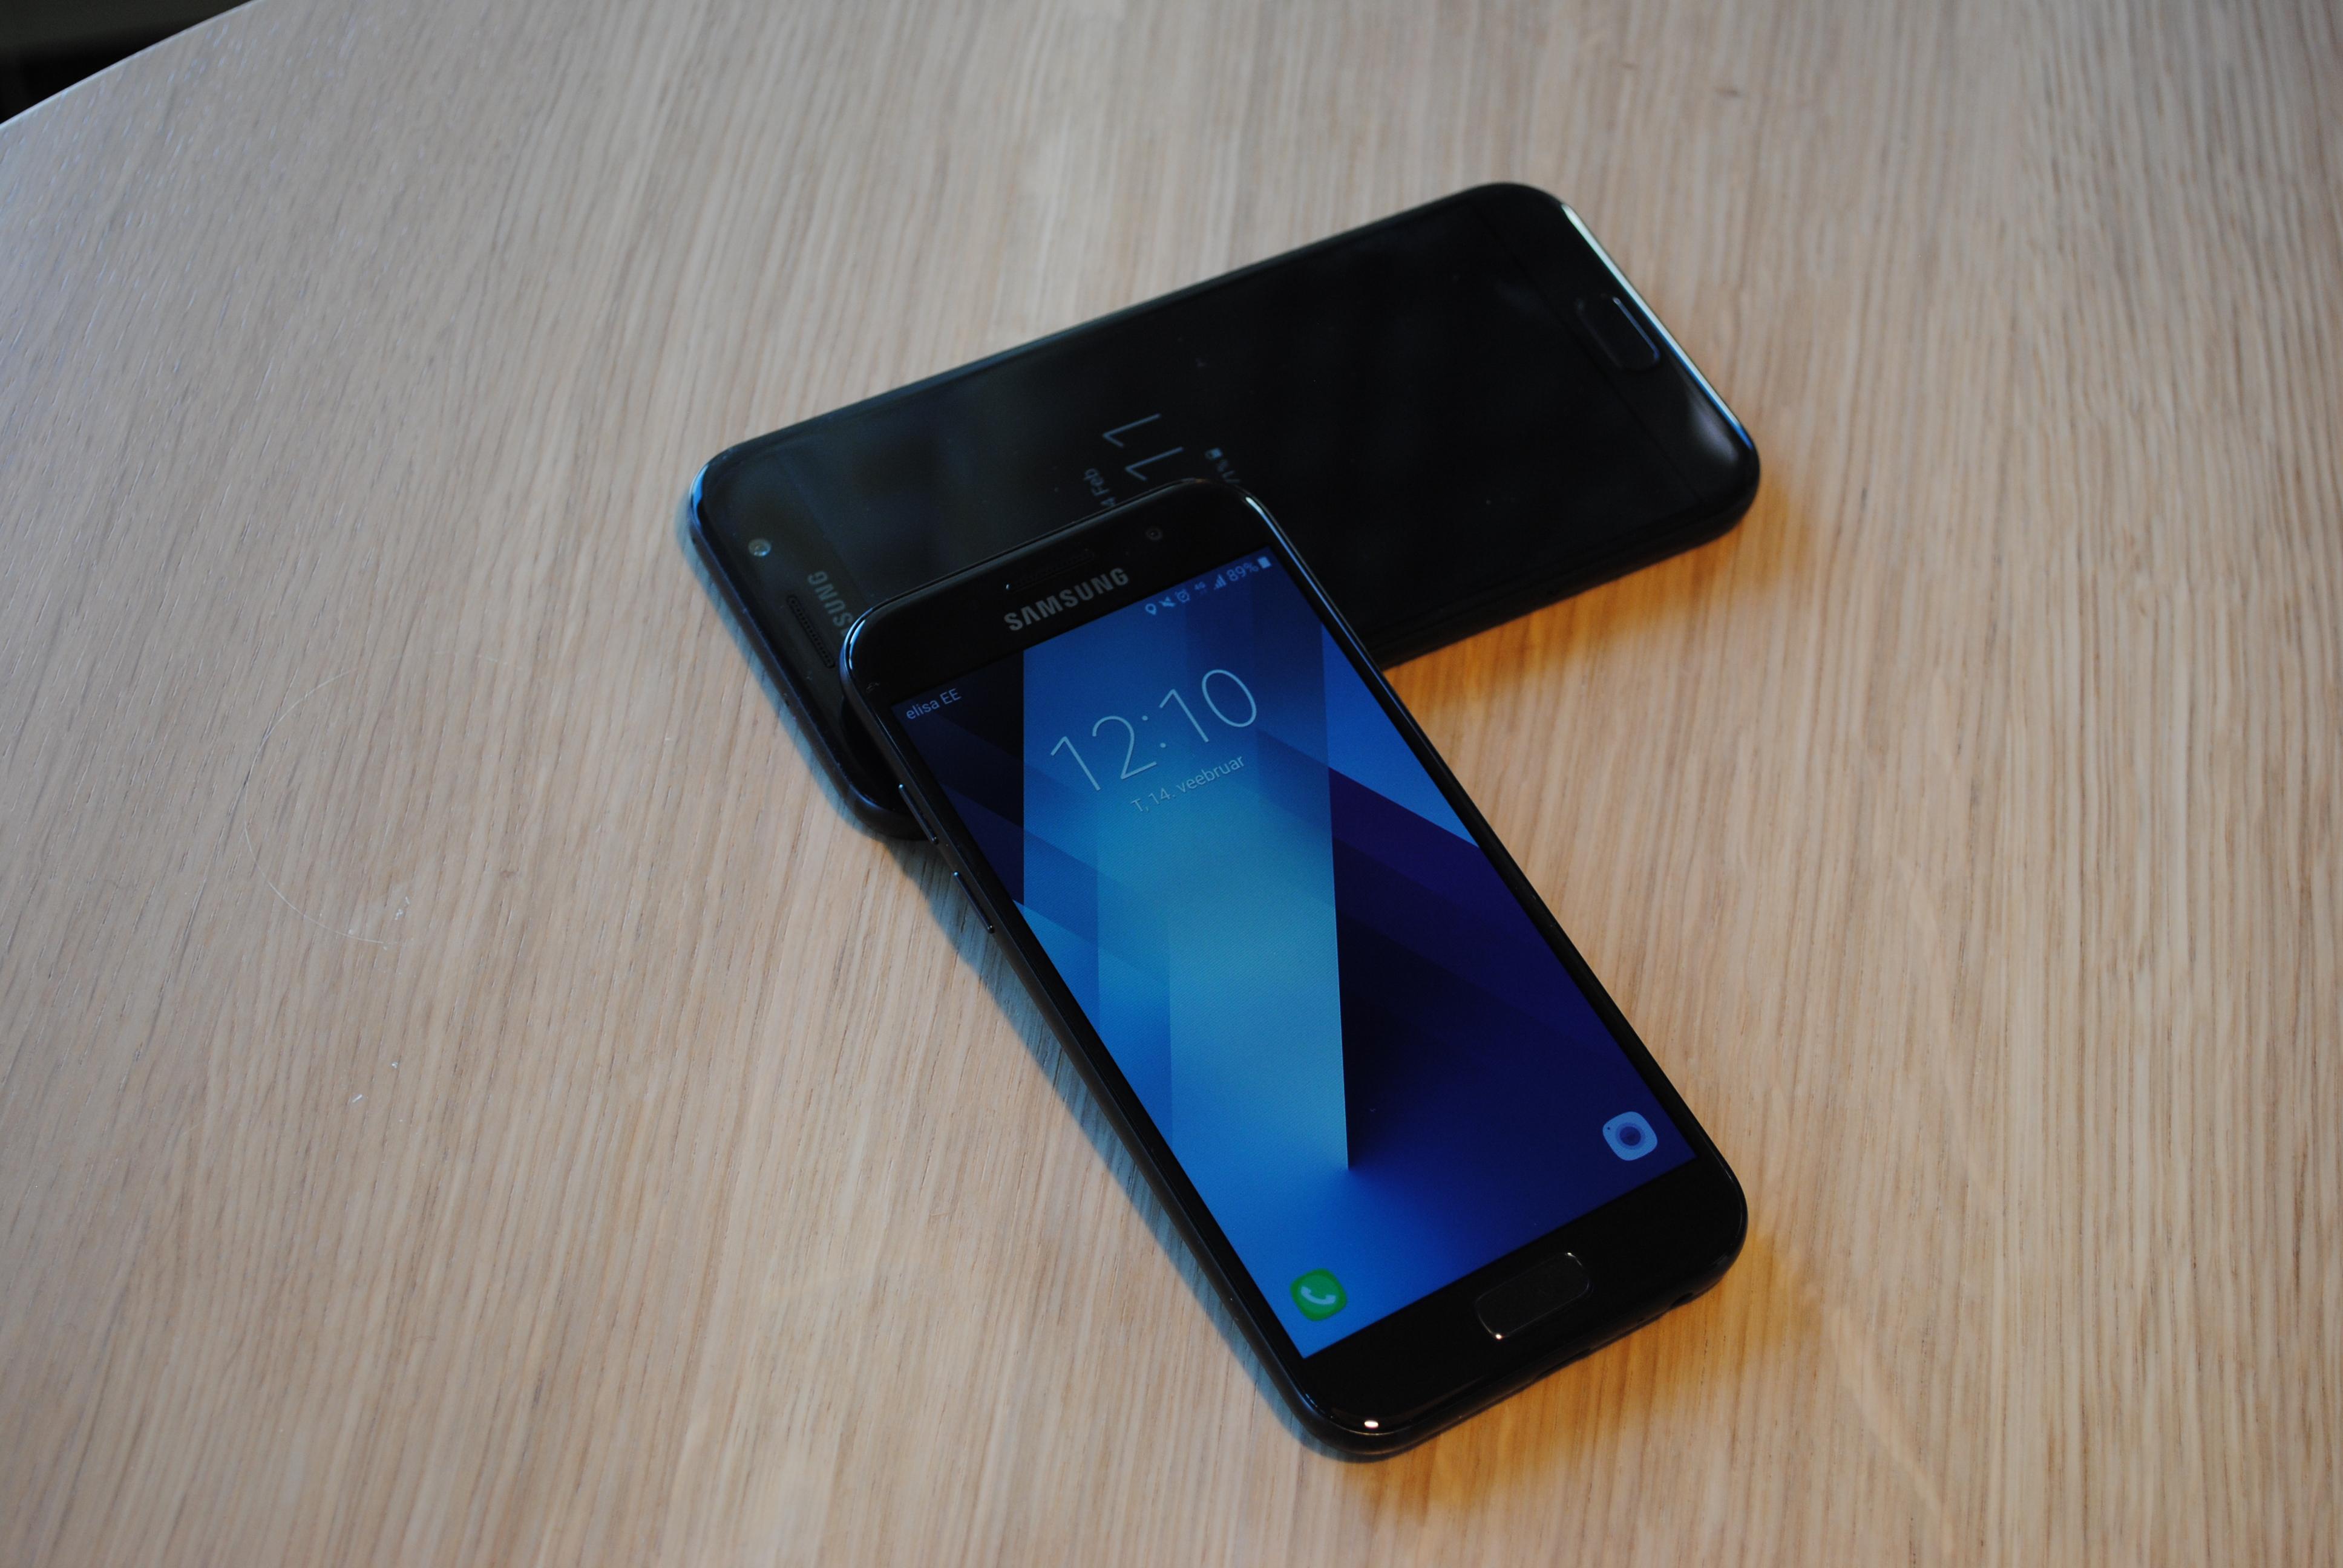 8793dc535c4 Samsung võttis õppust ning uus Galaxy A3 lahendab eelmise mudeli probleemid  | Digigeenius